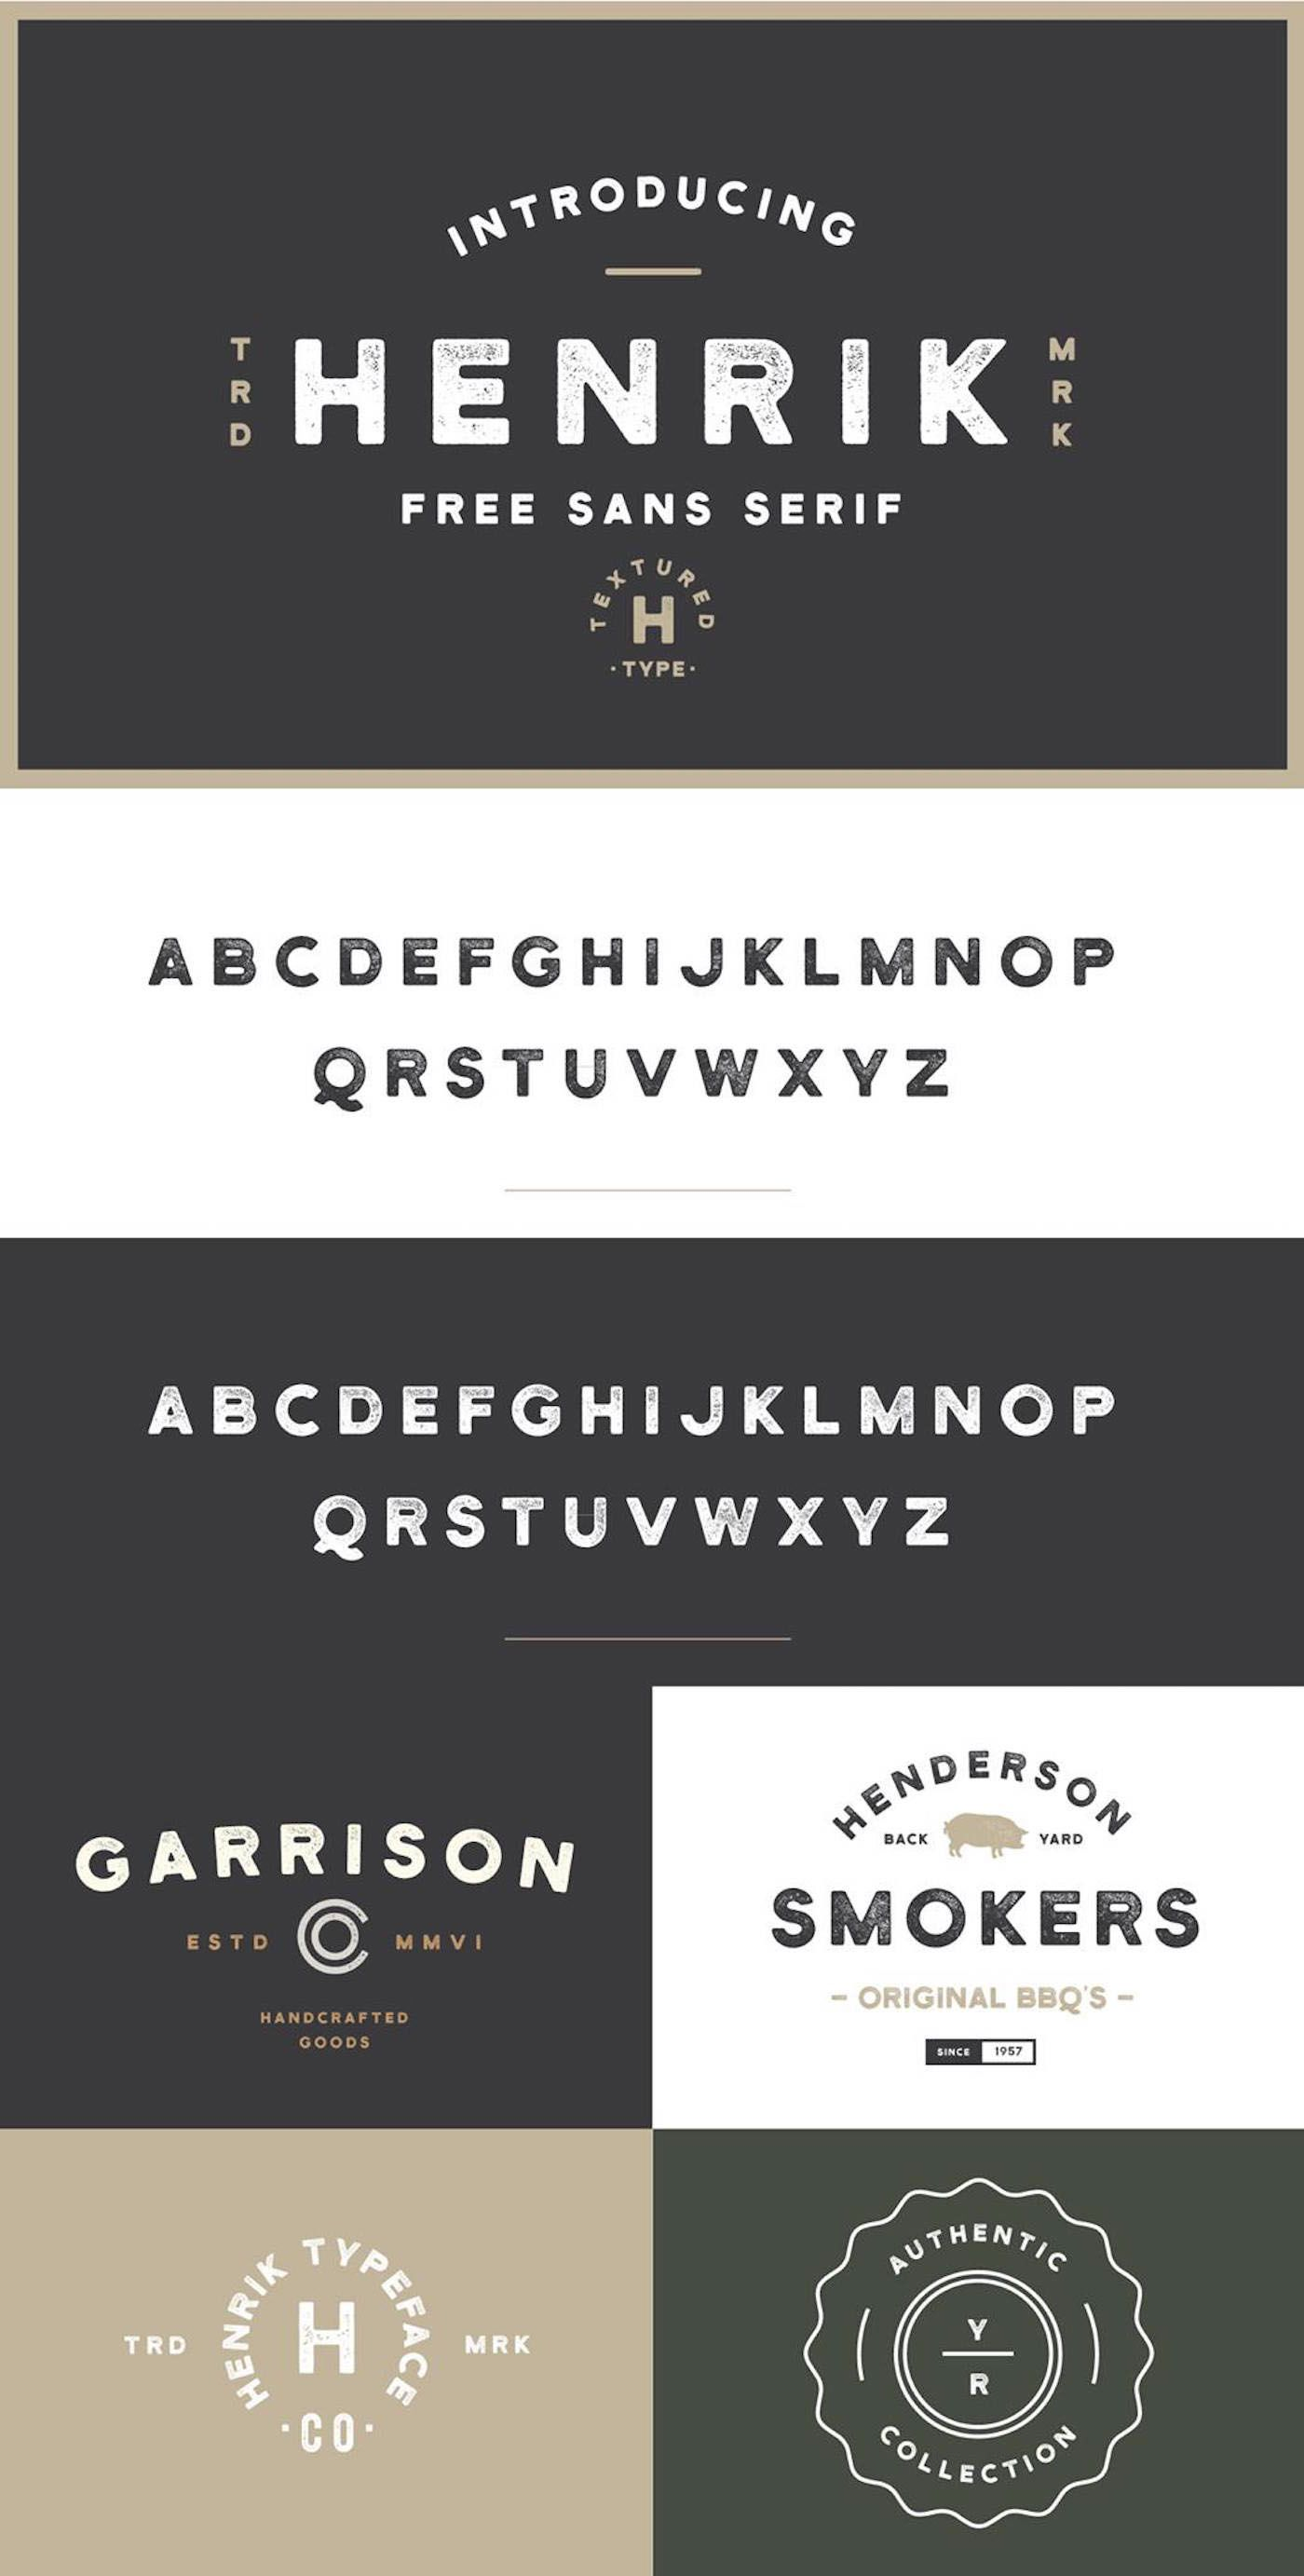 Henrik Free Sans Serif Textured Font Vintage script